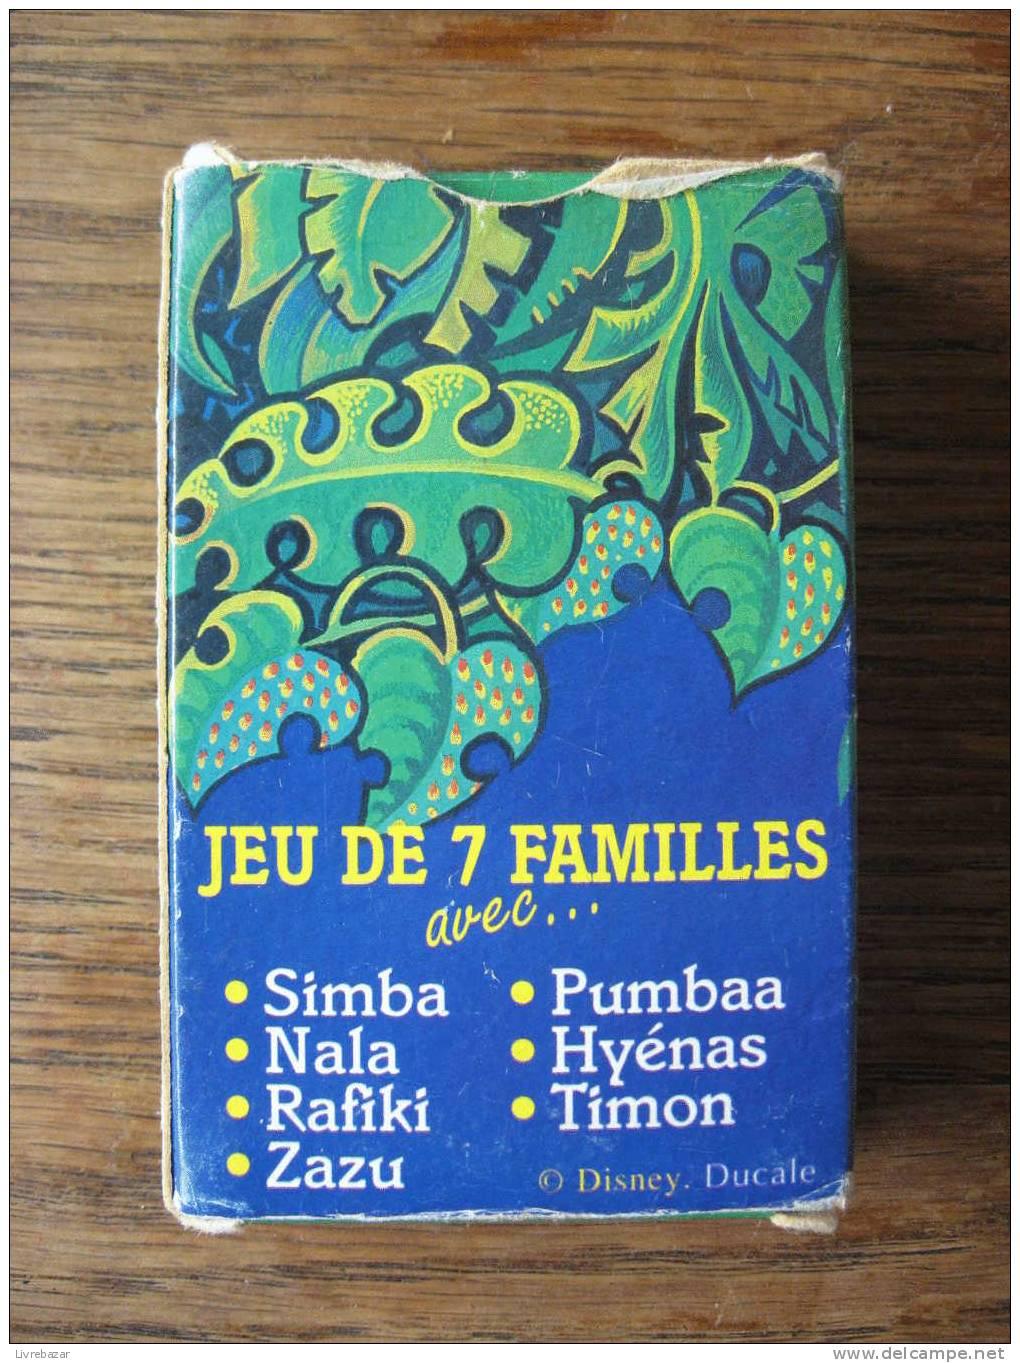 JEU DES 7 FAMILLES  LE ROI LION DUCALE - Other Collections